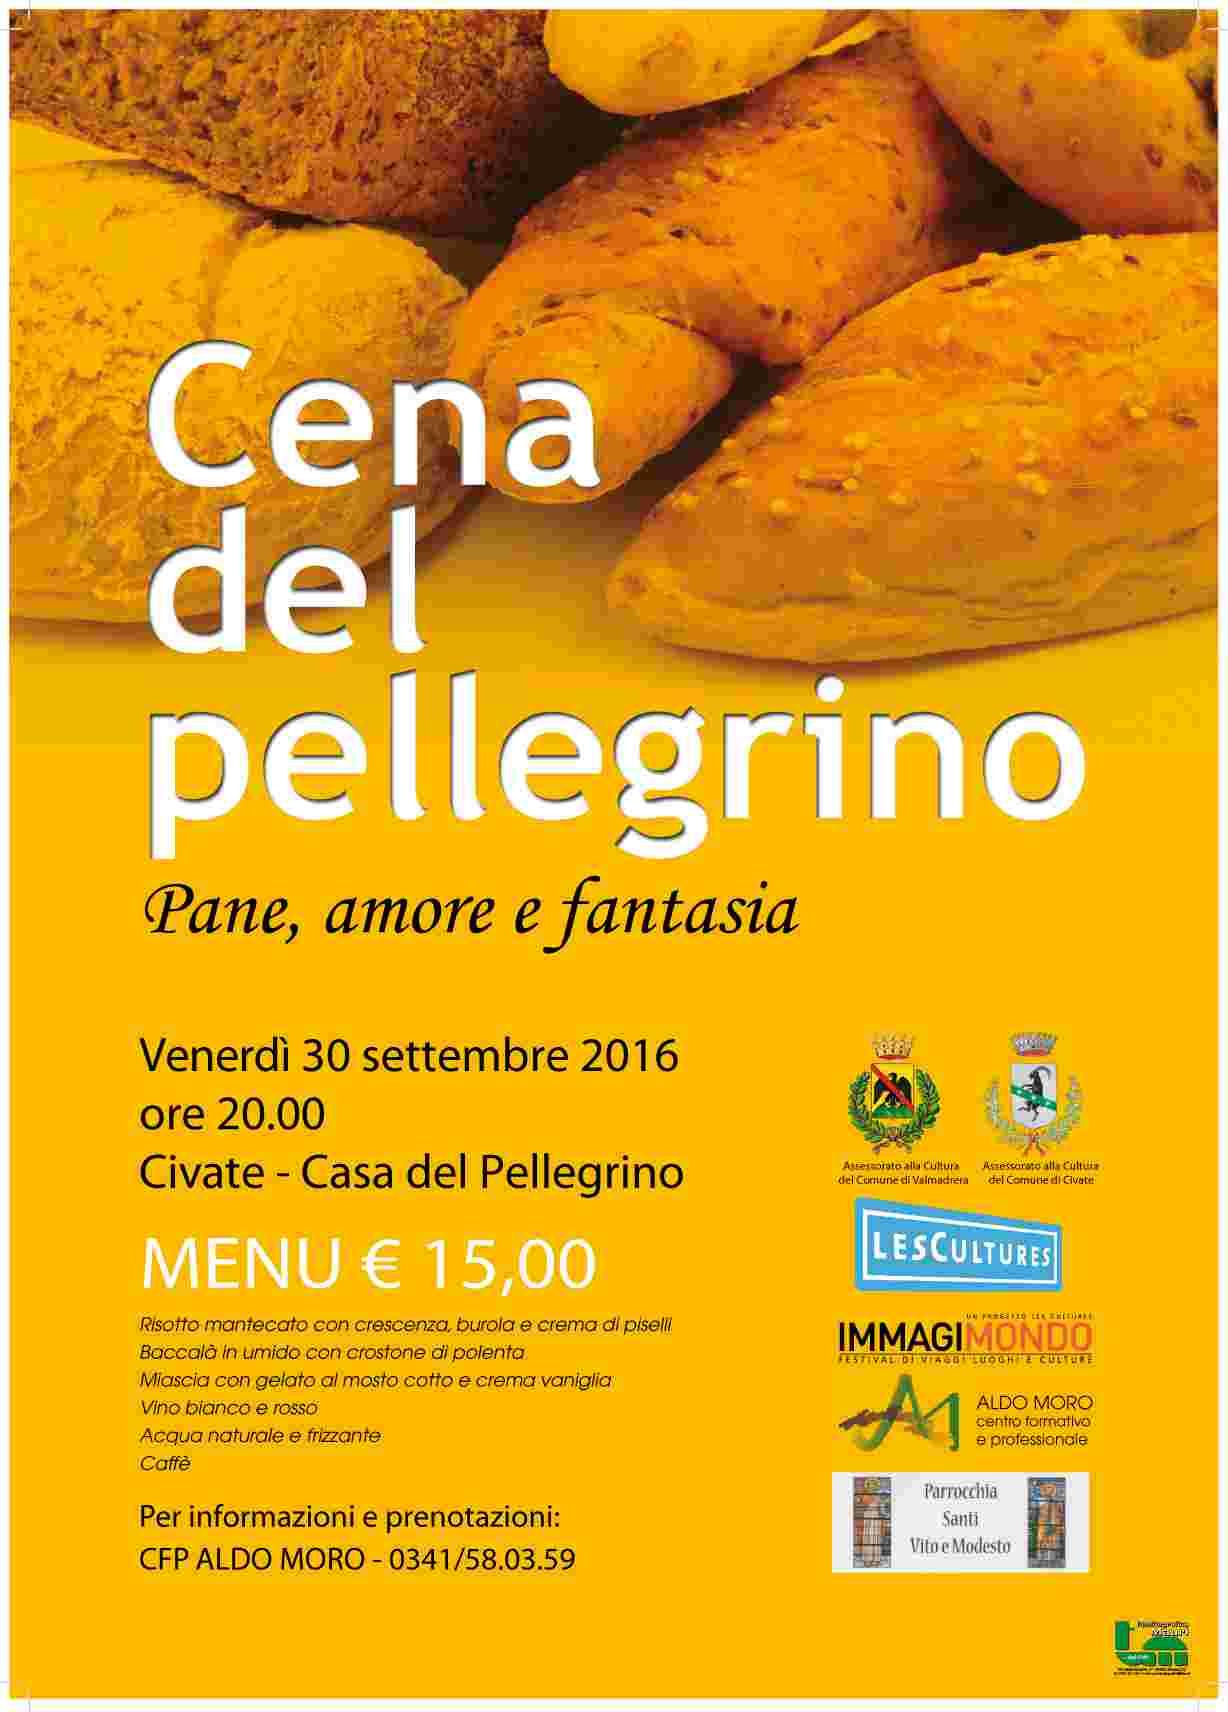 Cena del Pellegrino - Pane, amore e fantasia